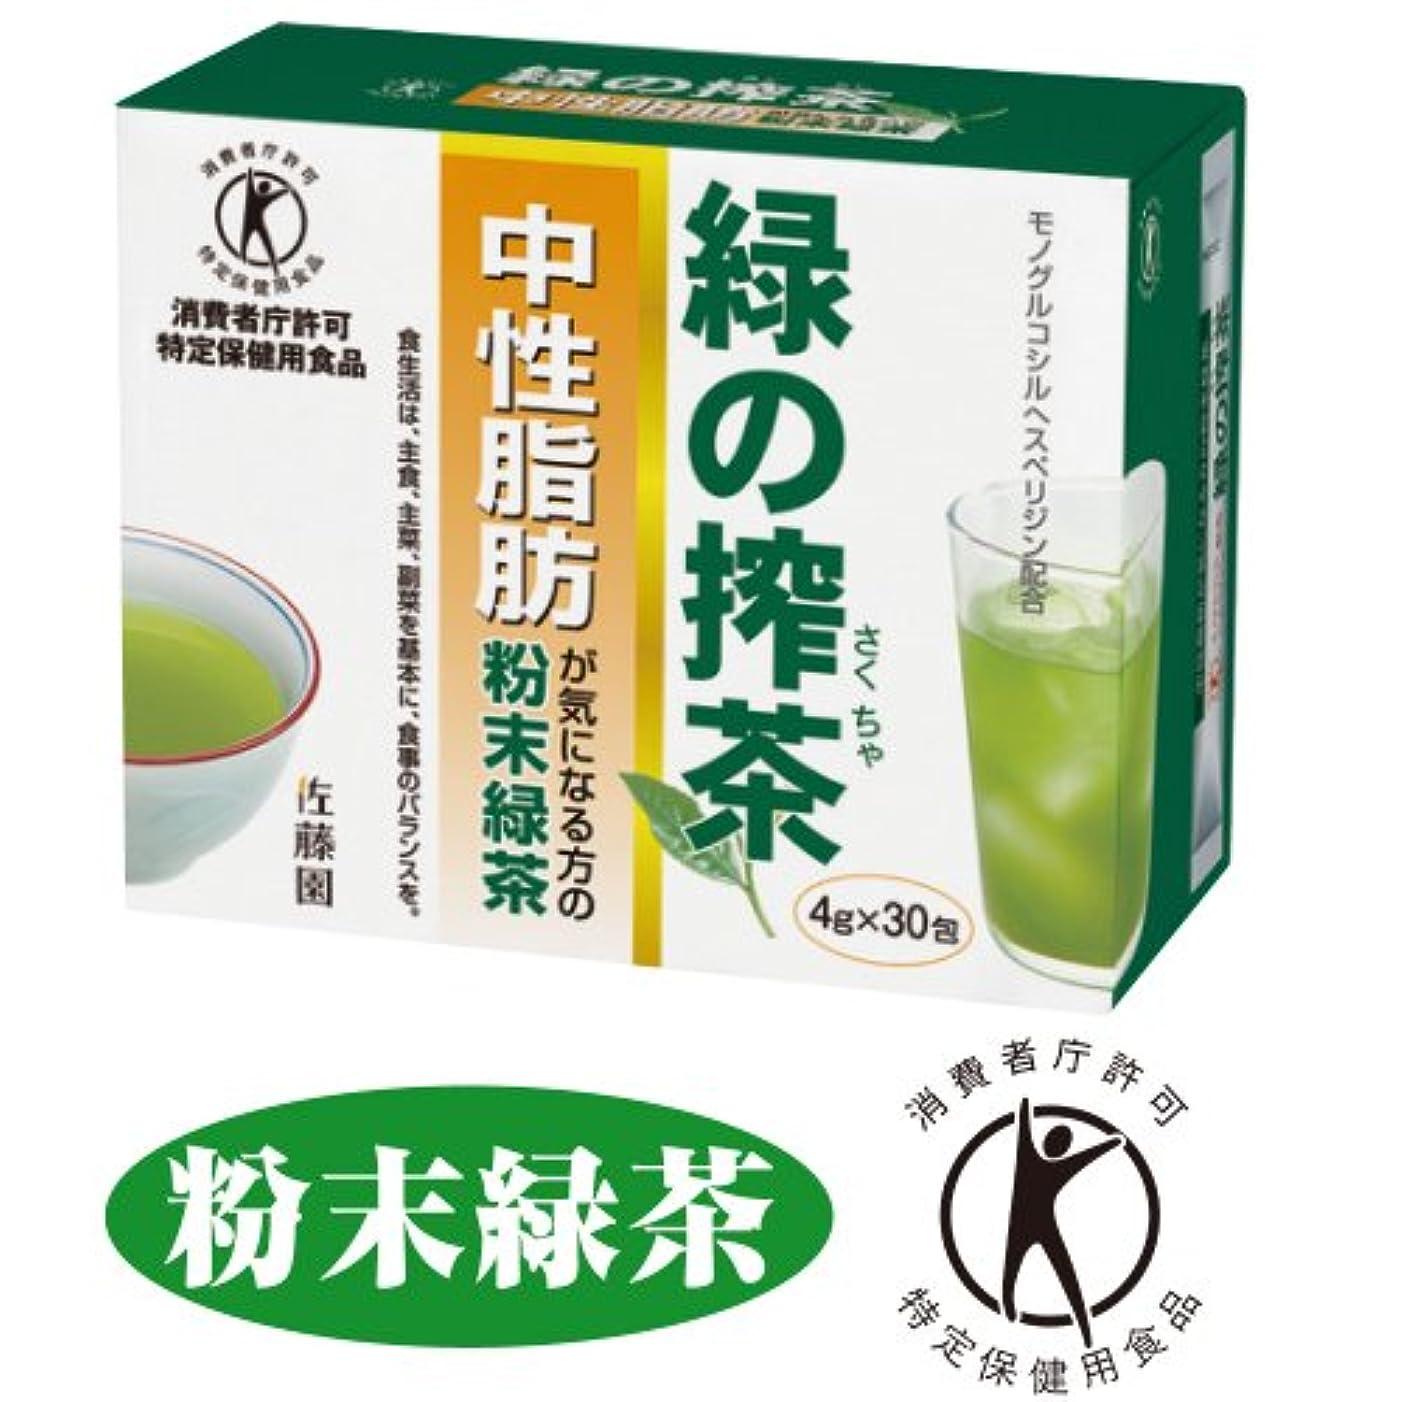 平方相対サイズ製作佐藤園のトクホのお茶 緑の搾茶(中性脂肪) 30包 [特定保健用食品]